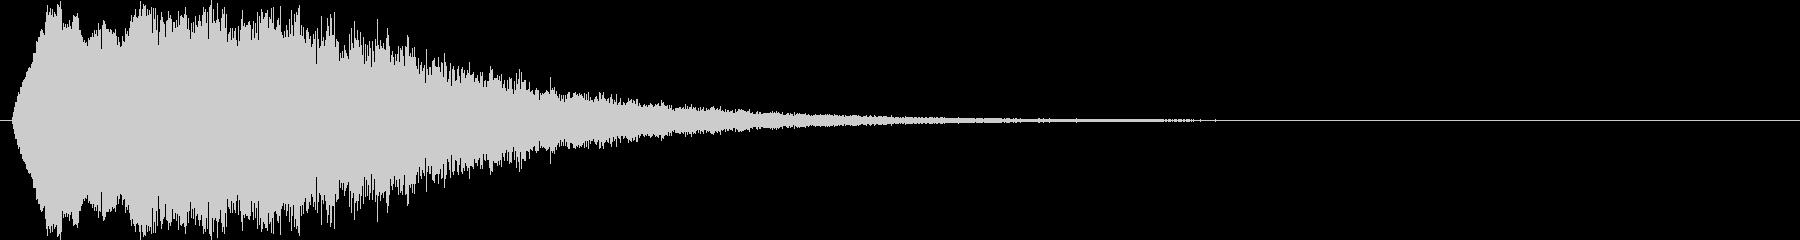 ピュルルルルル(流れ星、キラキラ)の未再生の波形